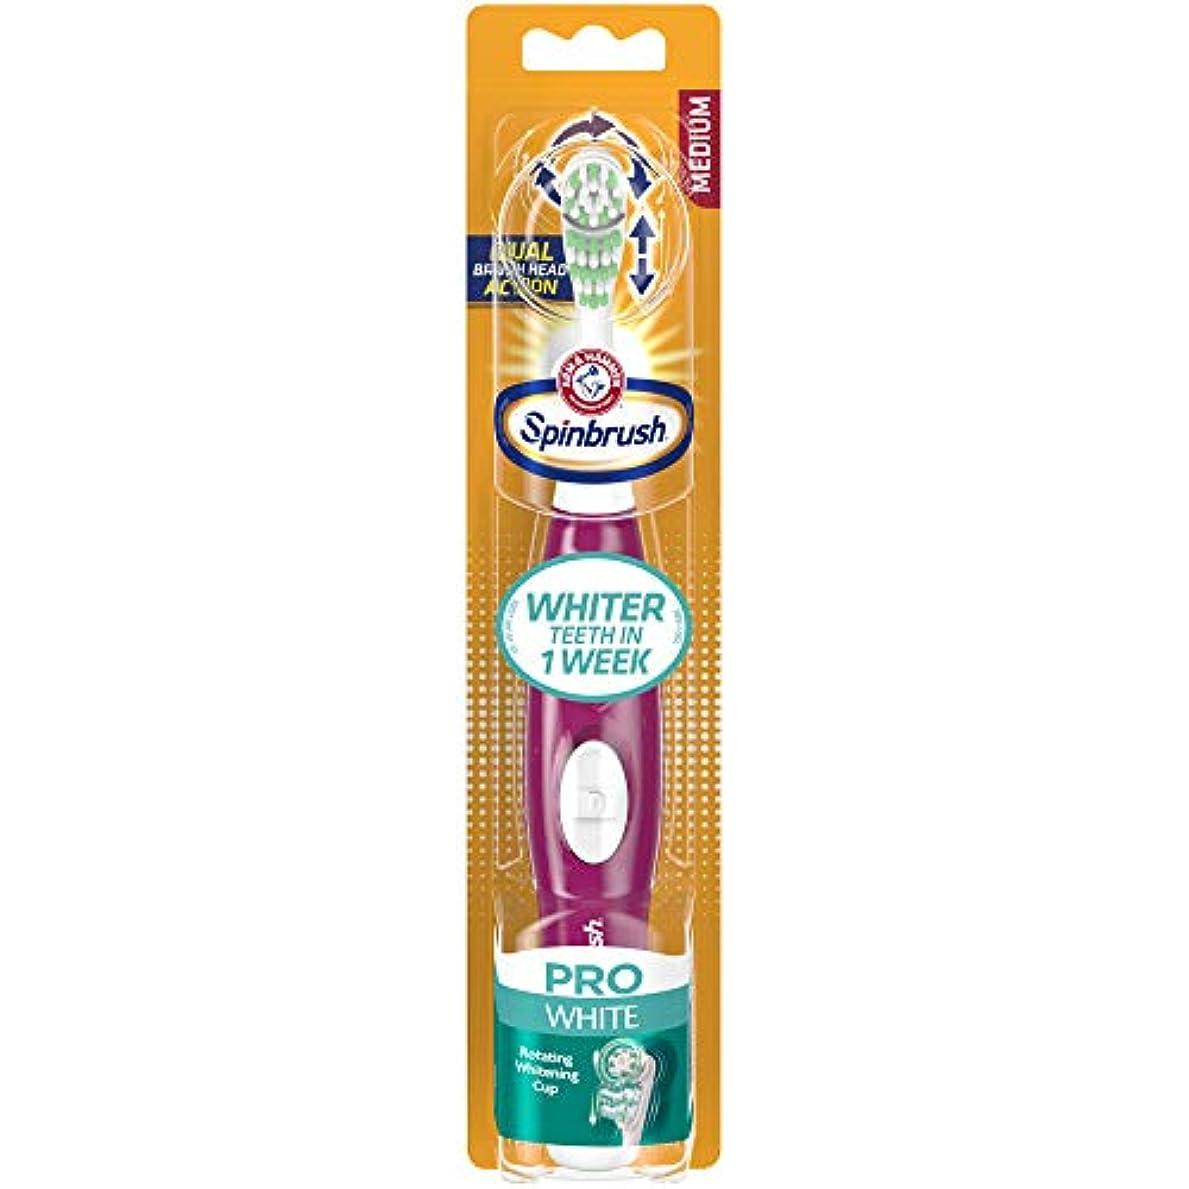 ラジウムストリップ地震Spinbrush プロシリーズウルトラホワイト歯ブラシ、中1 Eaは 中